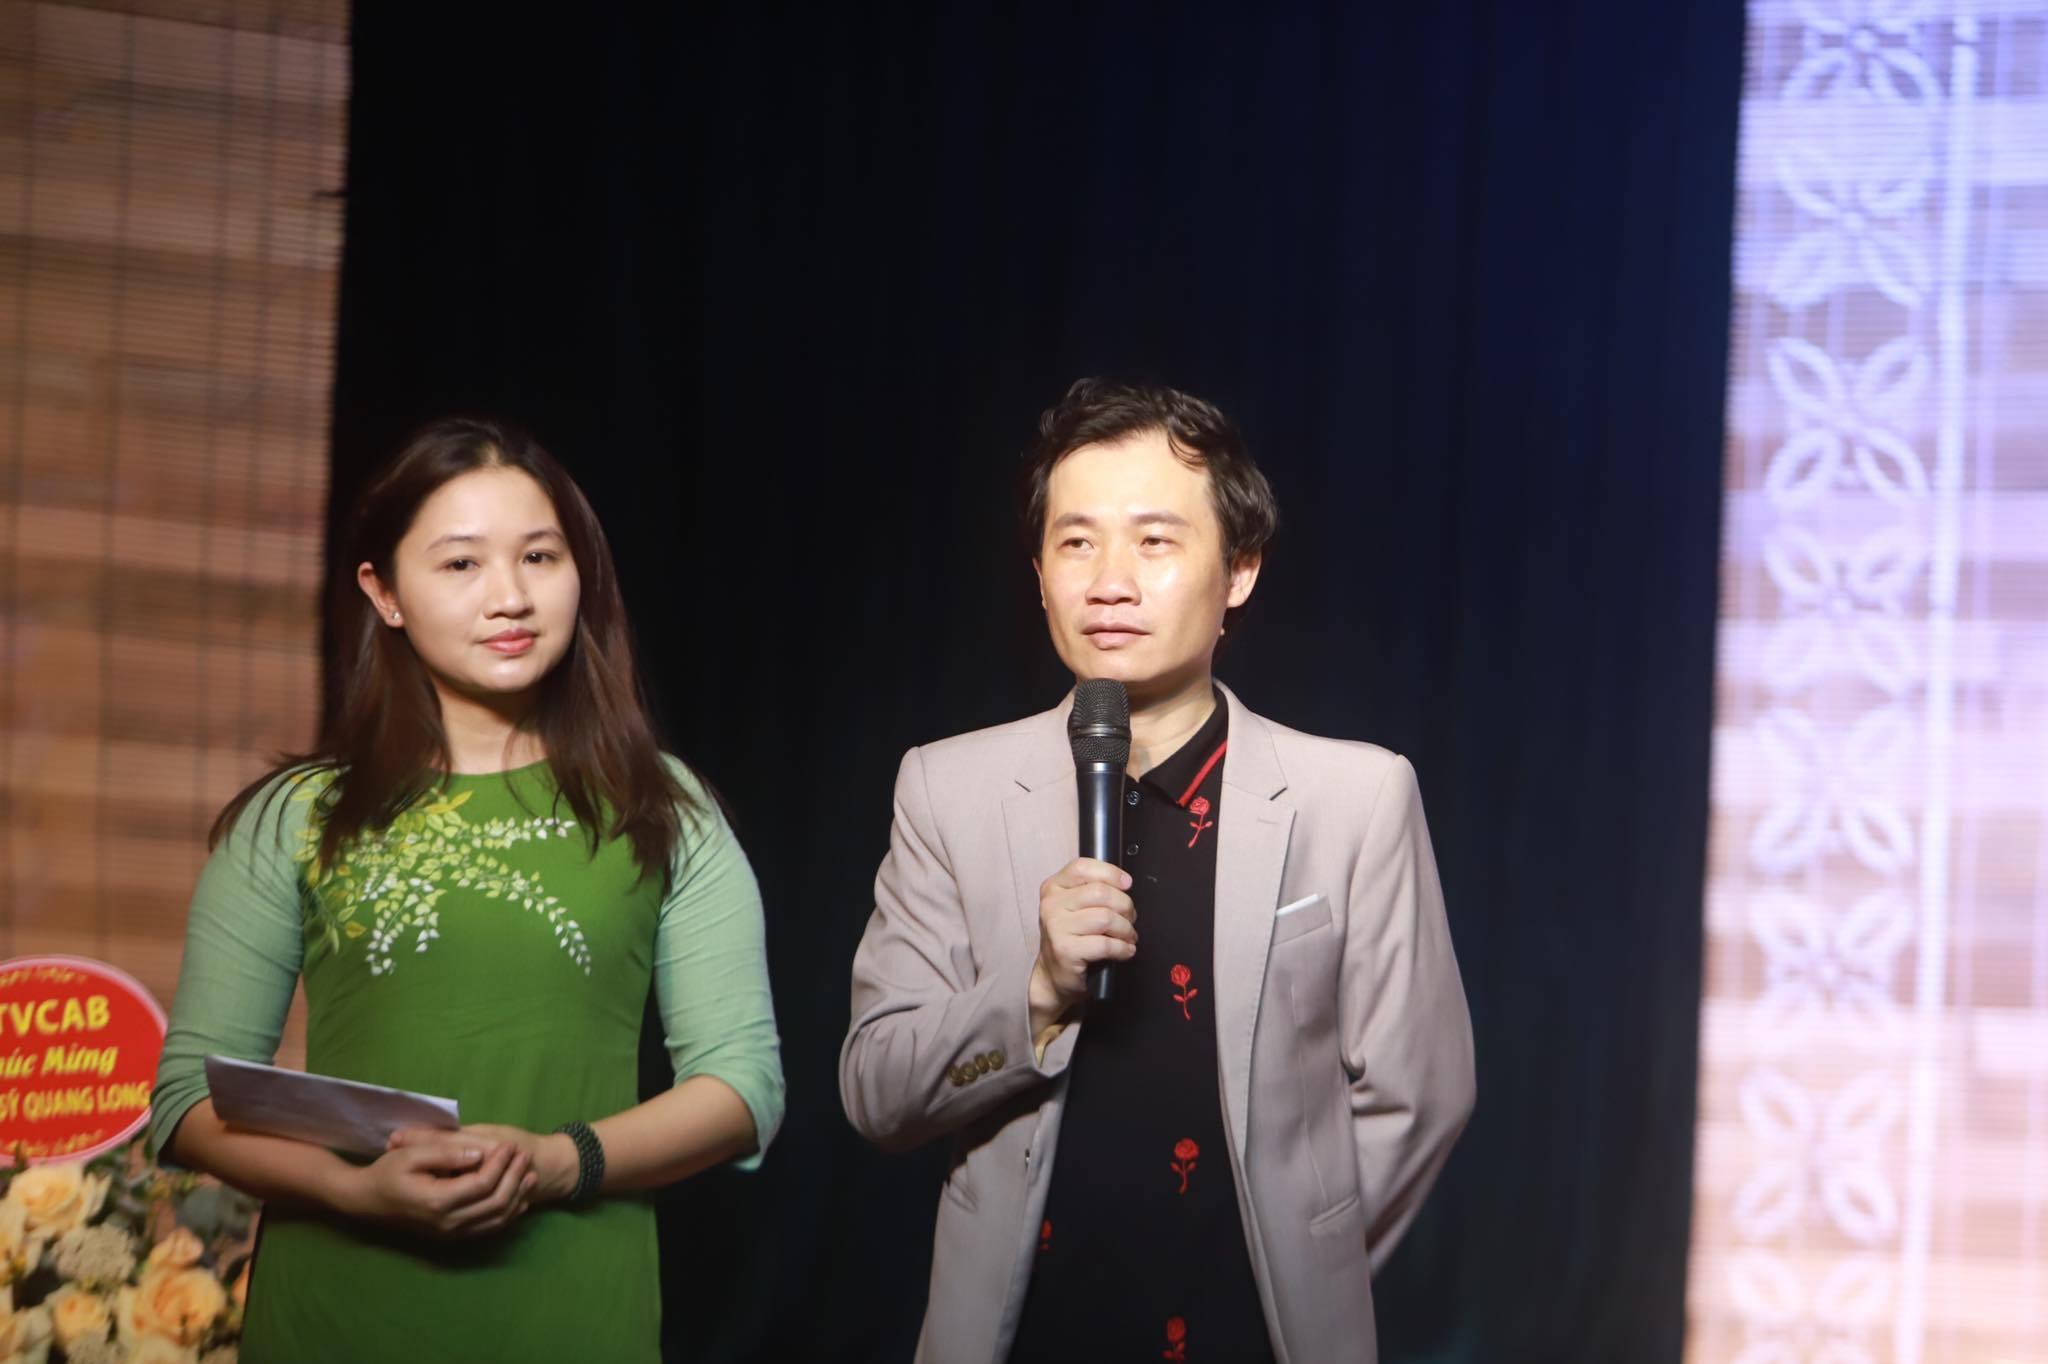 Ra mắt dự án 'Ngâm Kiều toàn truyện'